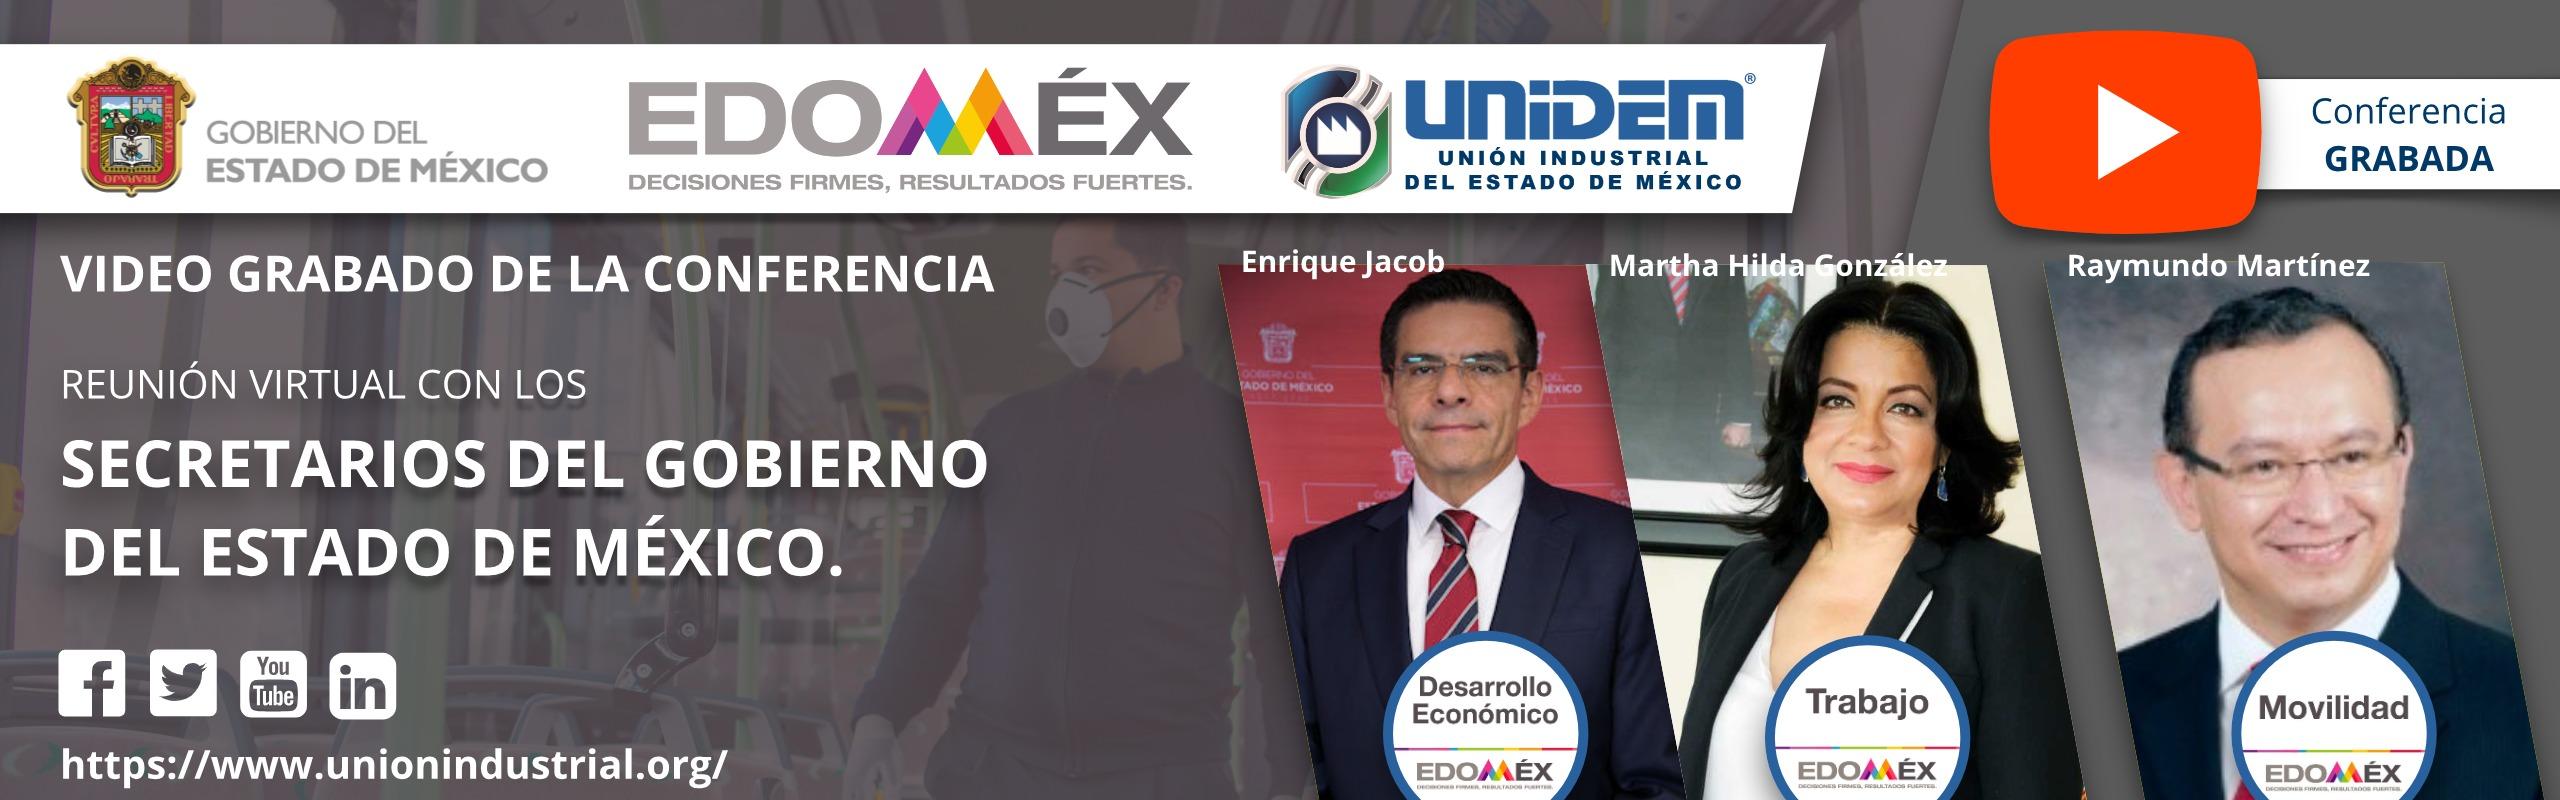 2020 06 17 - Reunión Virtual con los secretarios del gobierno del Edo Mex - YouTube Barra